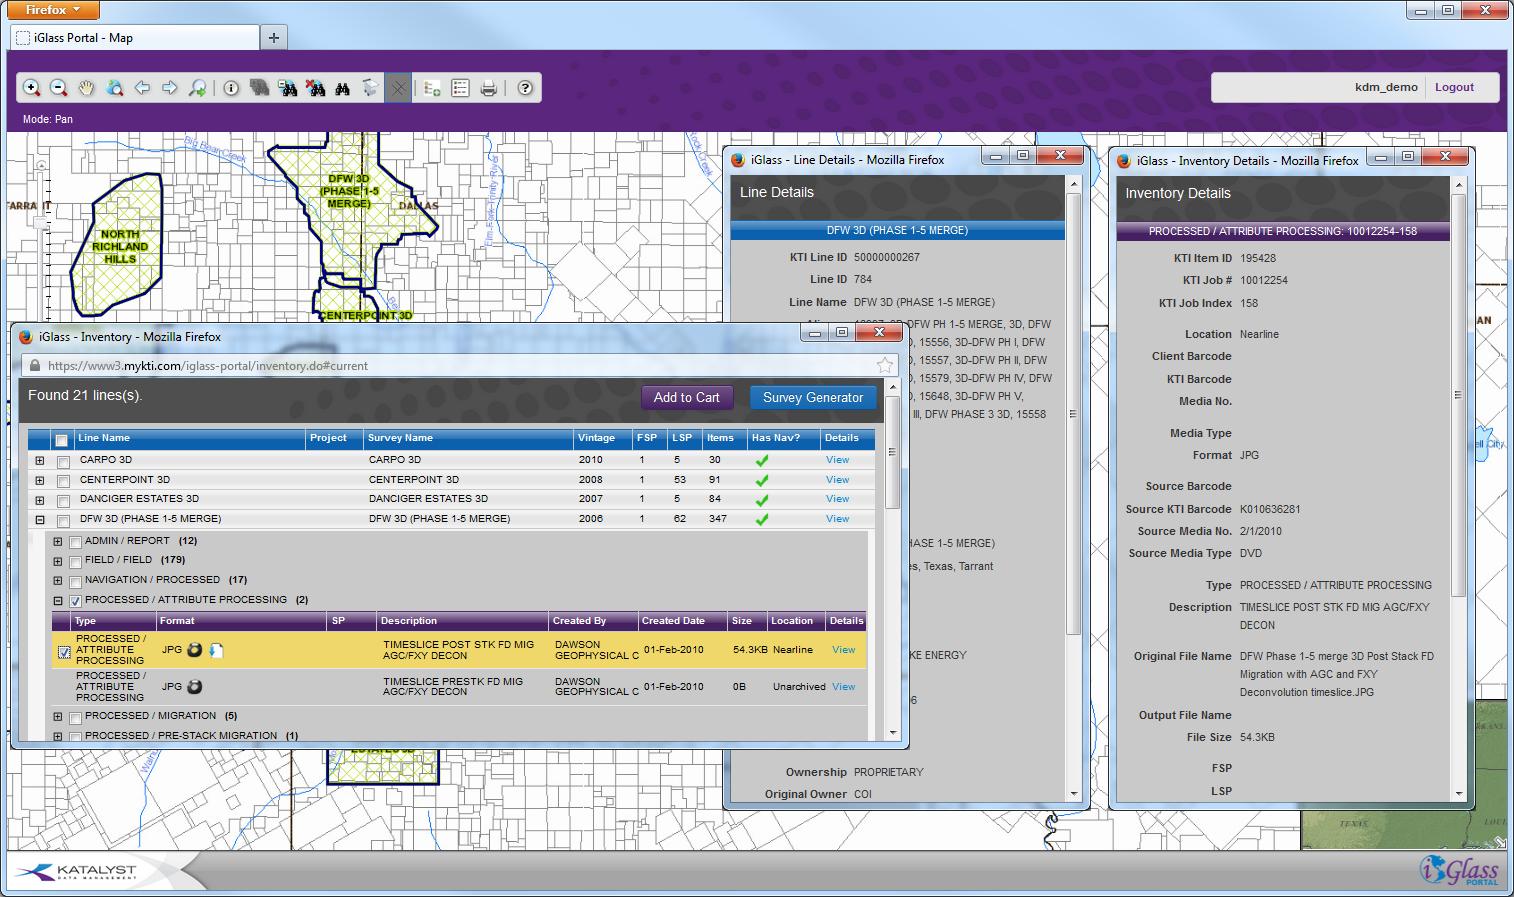 Katalyst Data Management - iGlass